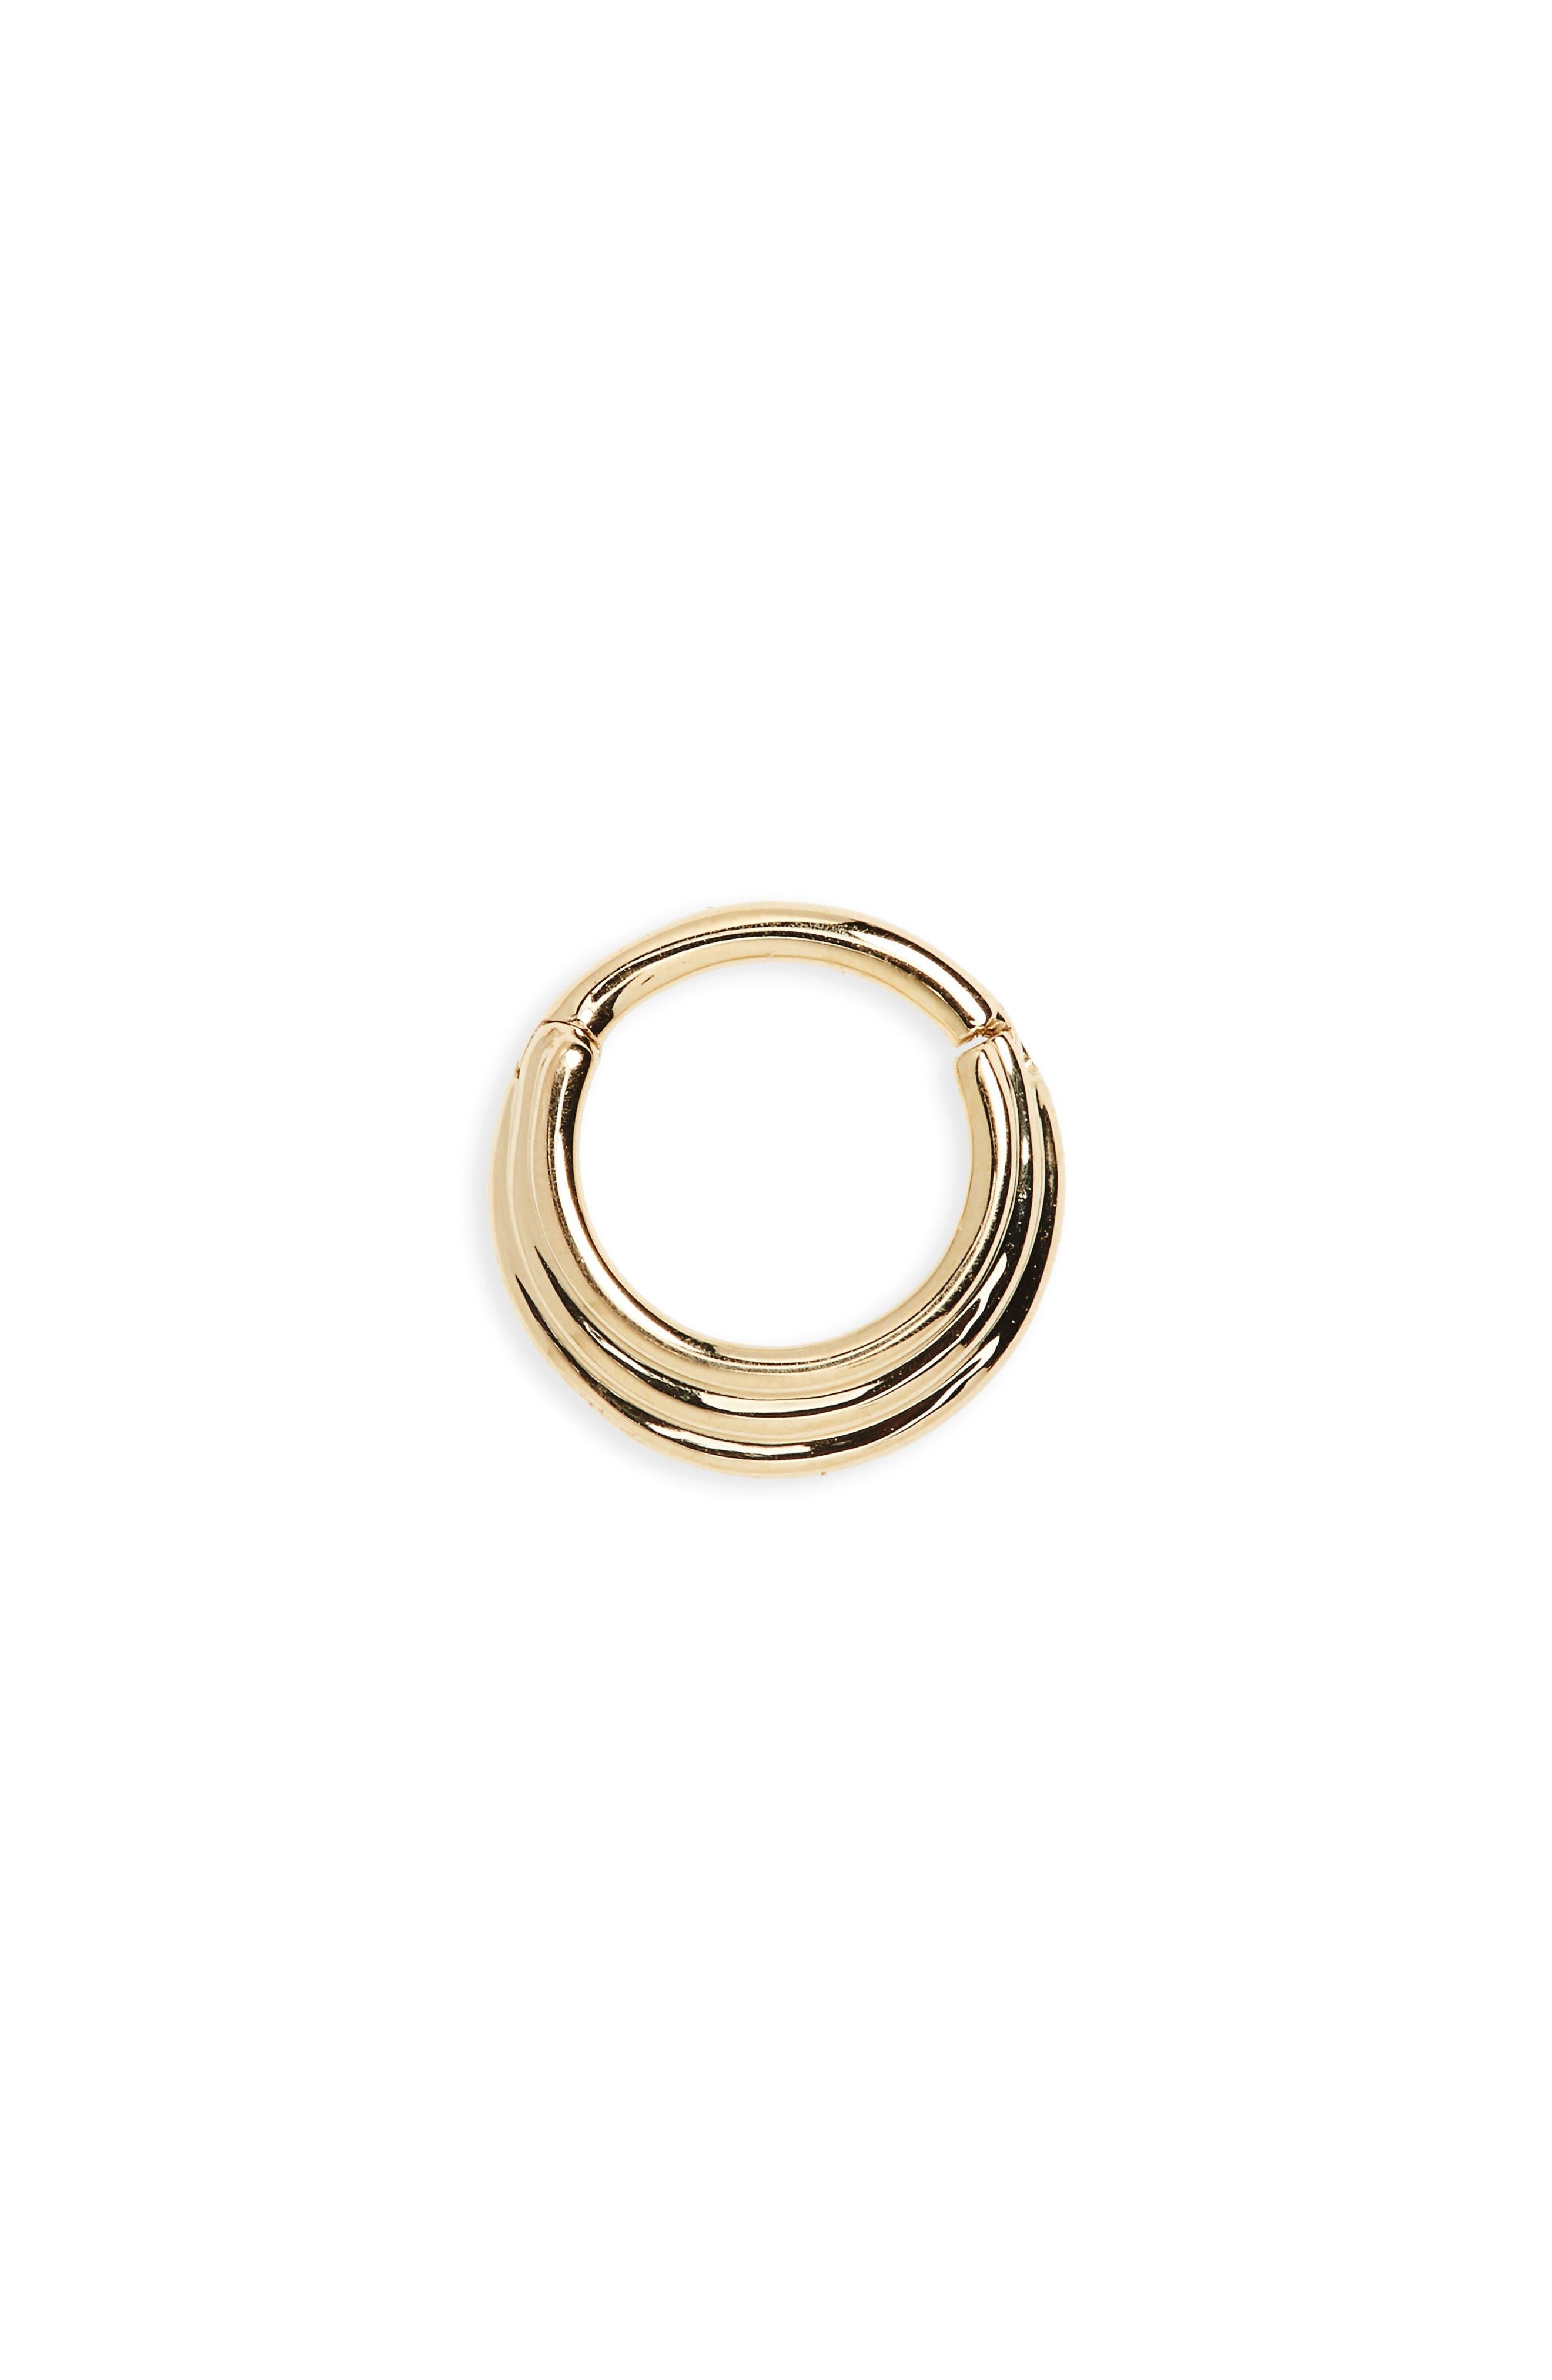 16 Gauge Hiranya Clicker Ring,                             Main thumbnail 1, color,                             Yellow Gold